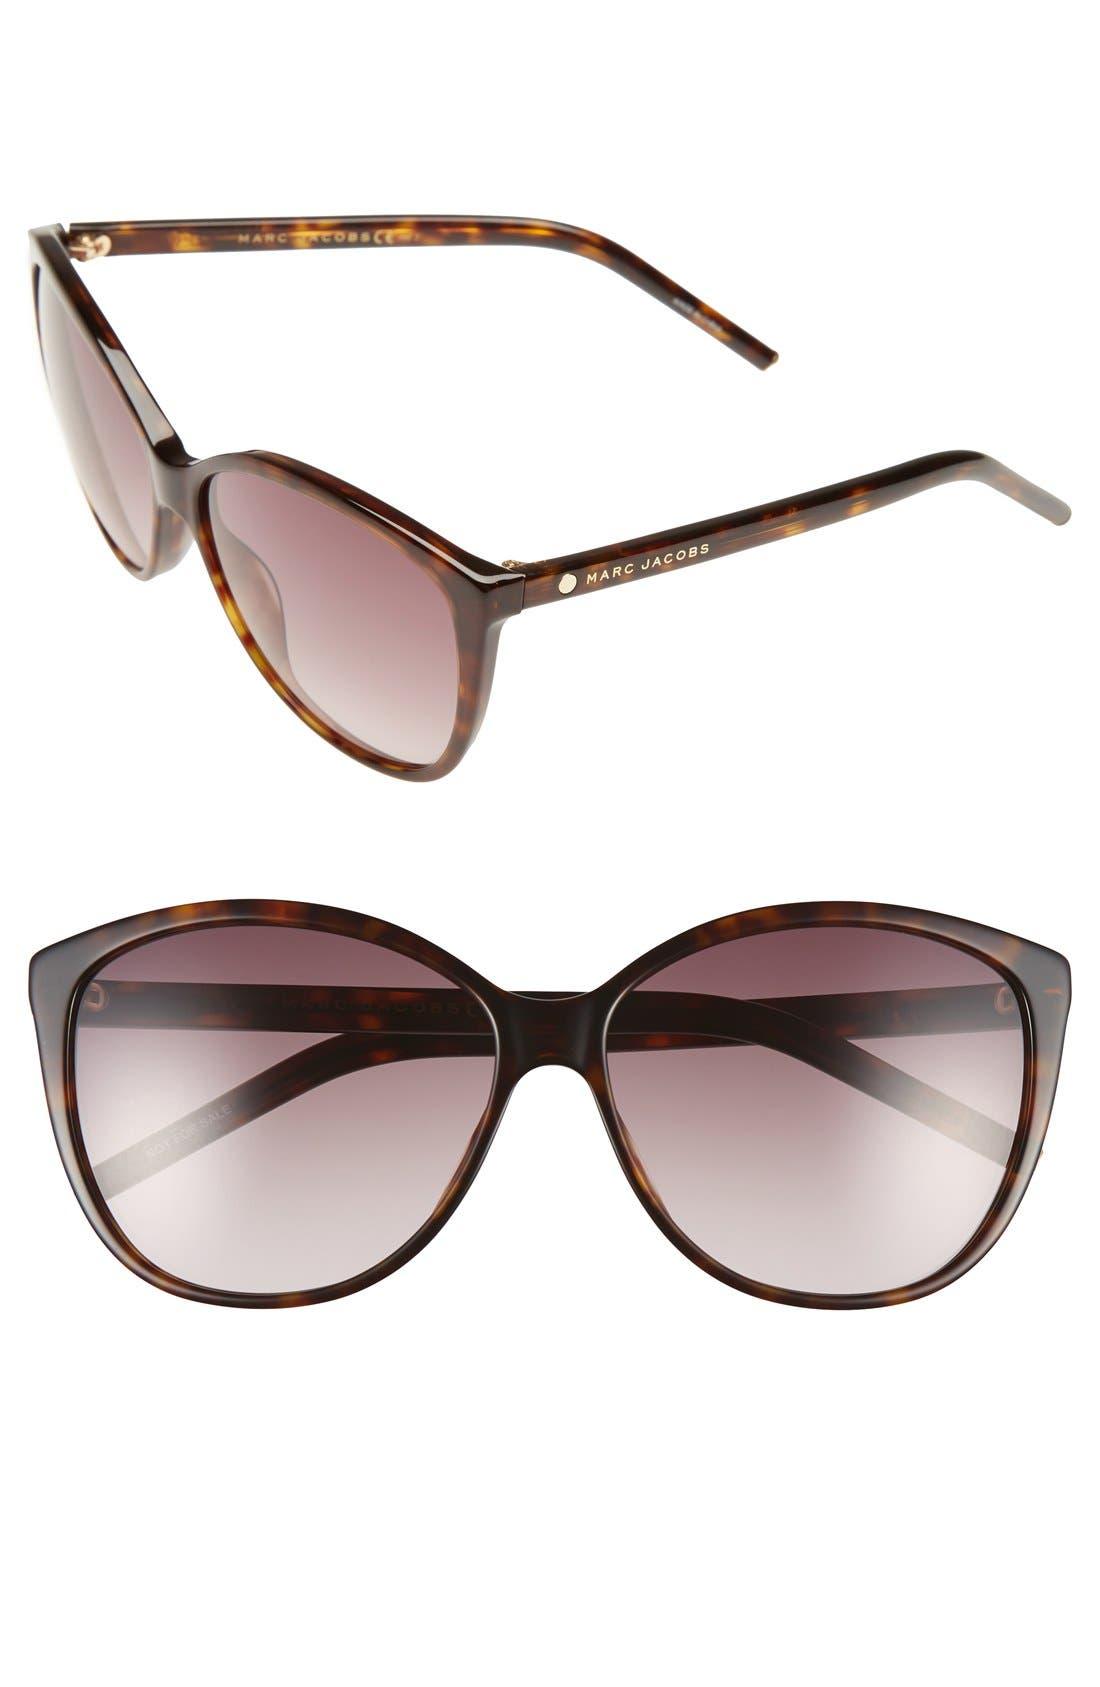 SunglassesNordstrom Women's Designer Designer SunglassesNordstrom Women's Marc Jacobs Marc Jacobs Marc Women's wnOv80mN